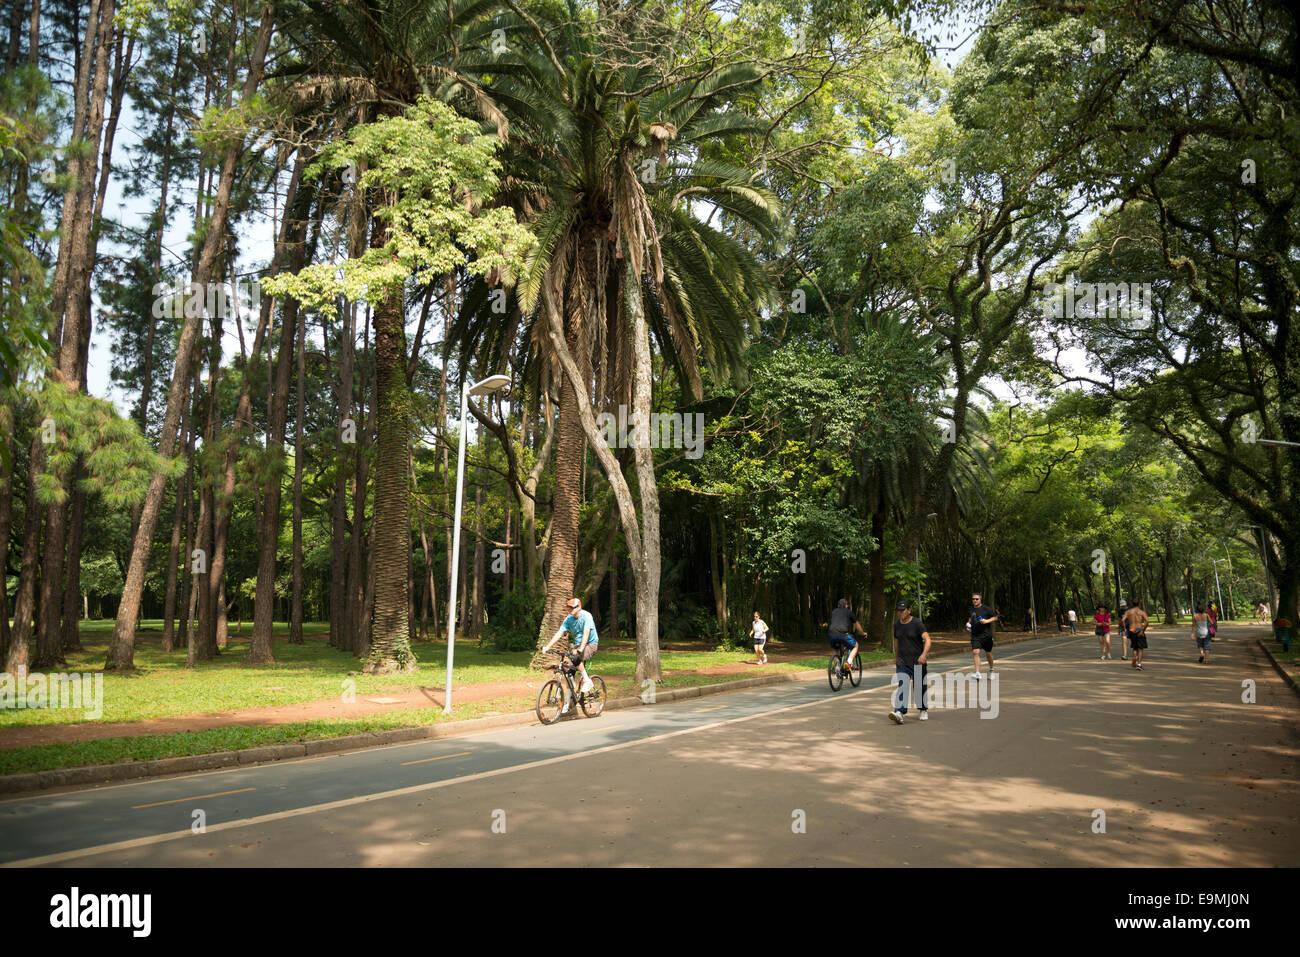 El Parque do Ibirapuera, en Sao Paulo, Brasil. Imagen De Stock